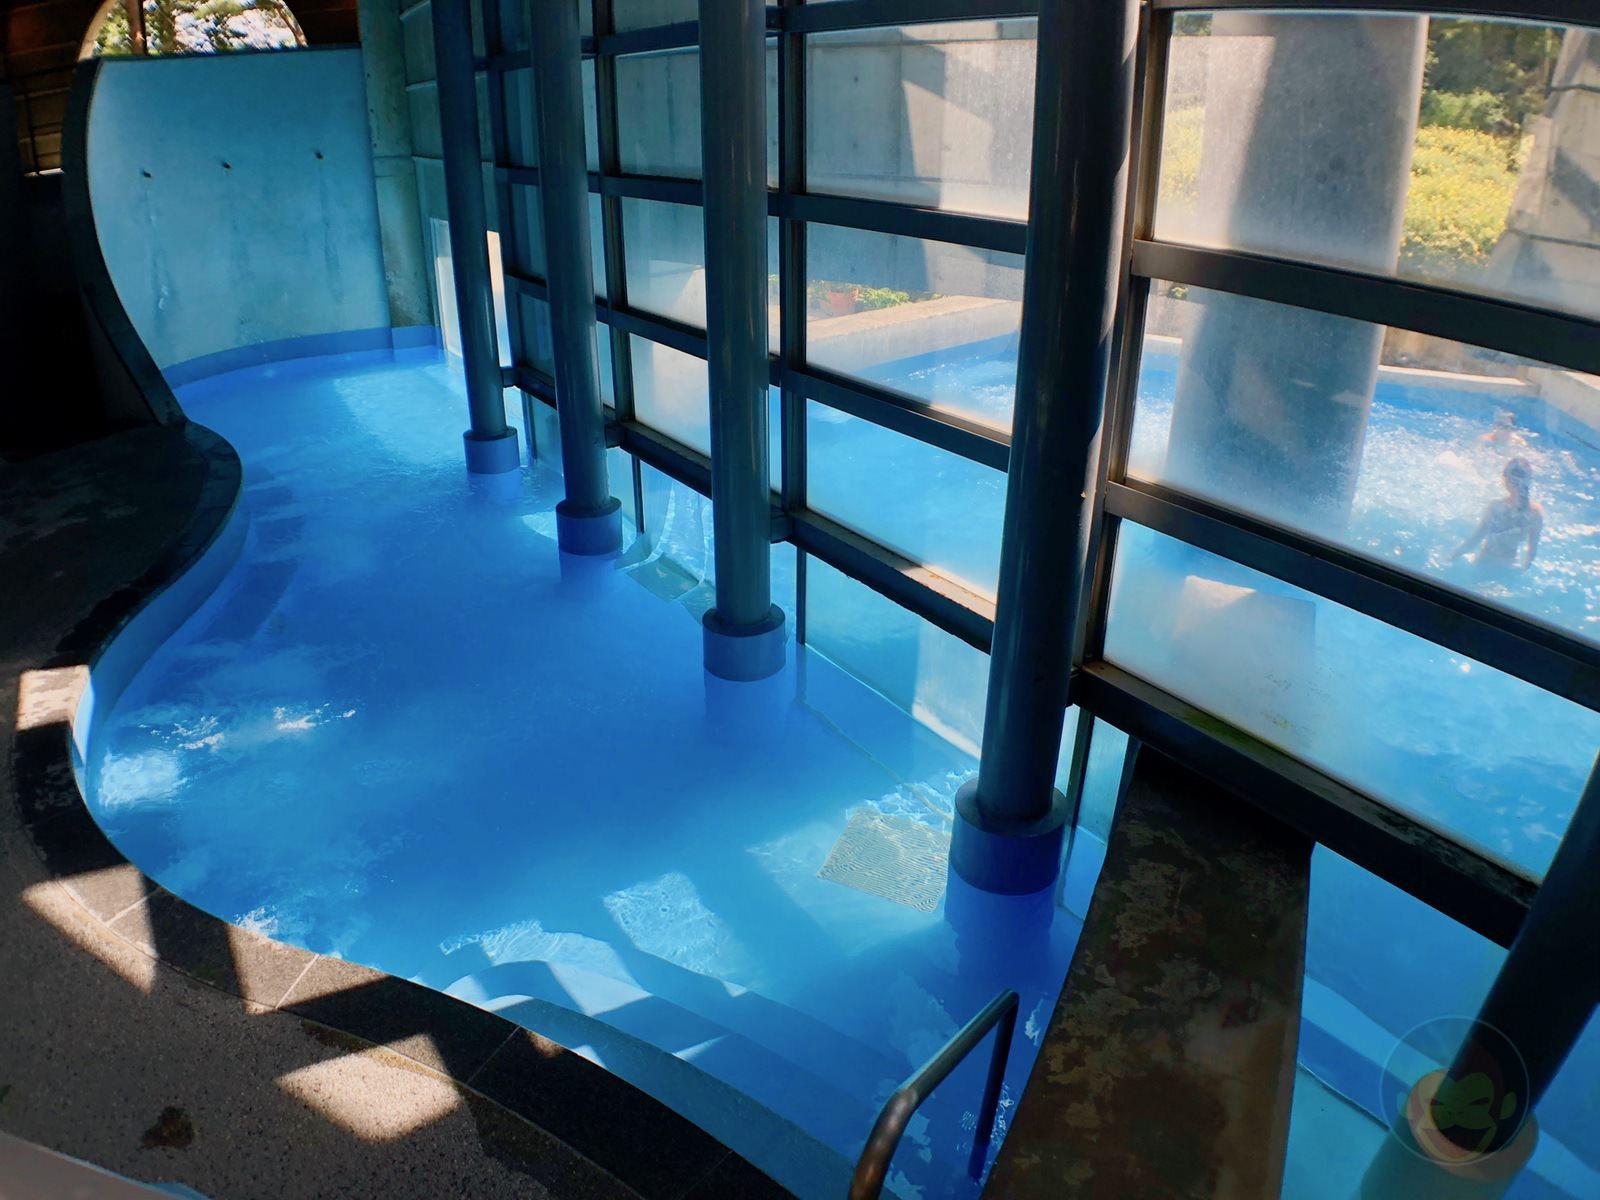 Hoshino-Resonalre-Yatsugatake-Pool-16.jpg